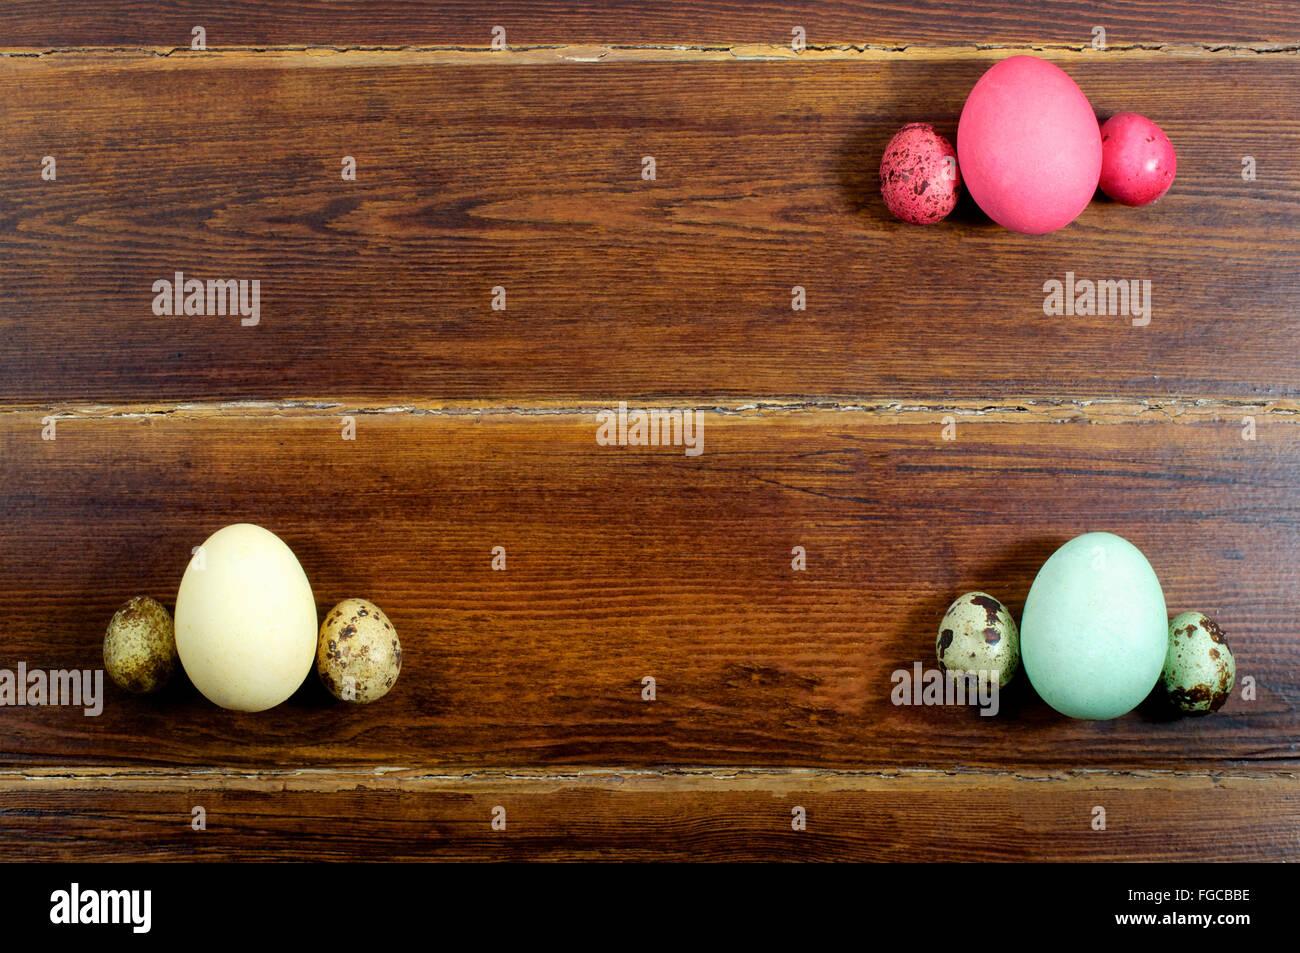 Varie le uova e uova di quaglia con carta su sfondo di legno dalla parte superiore Foto Stock